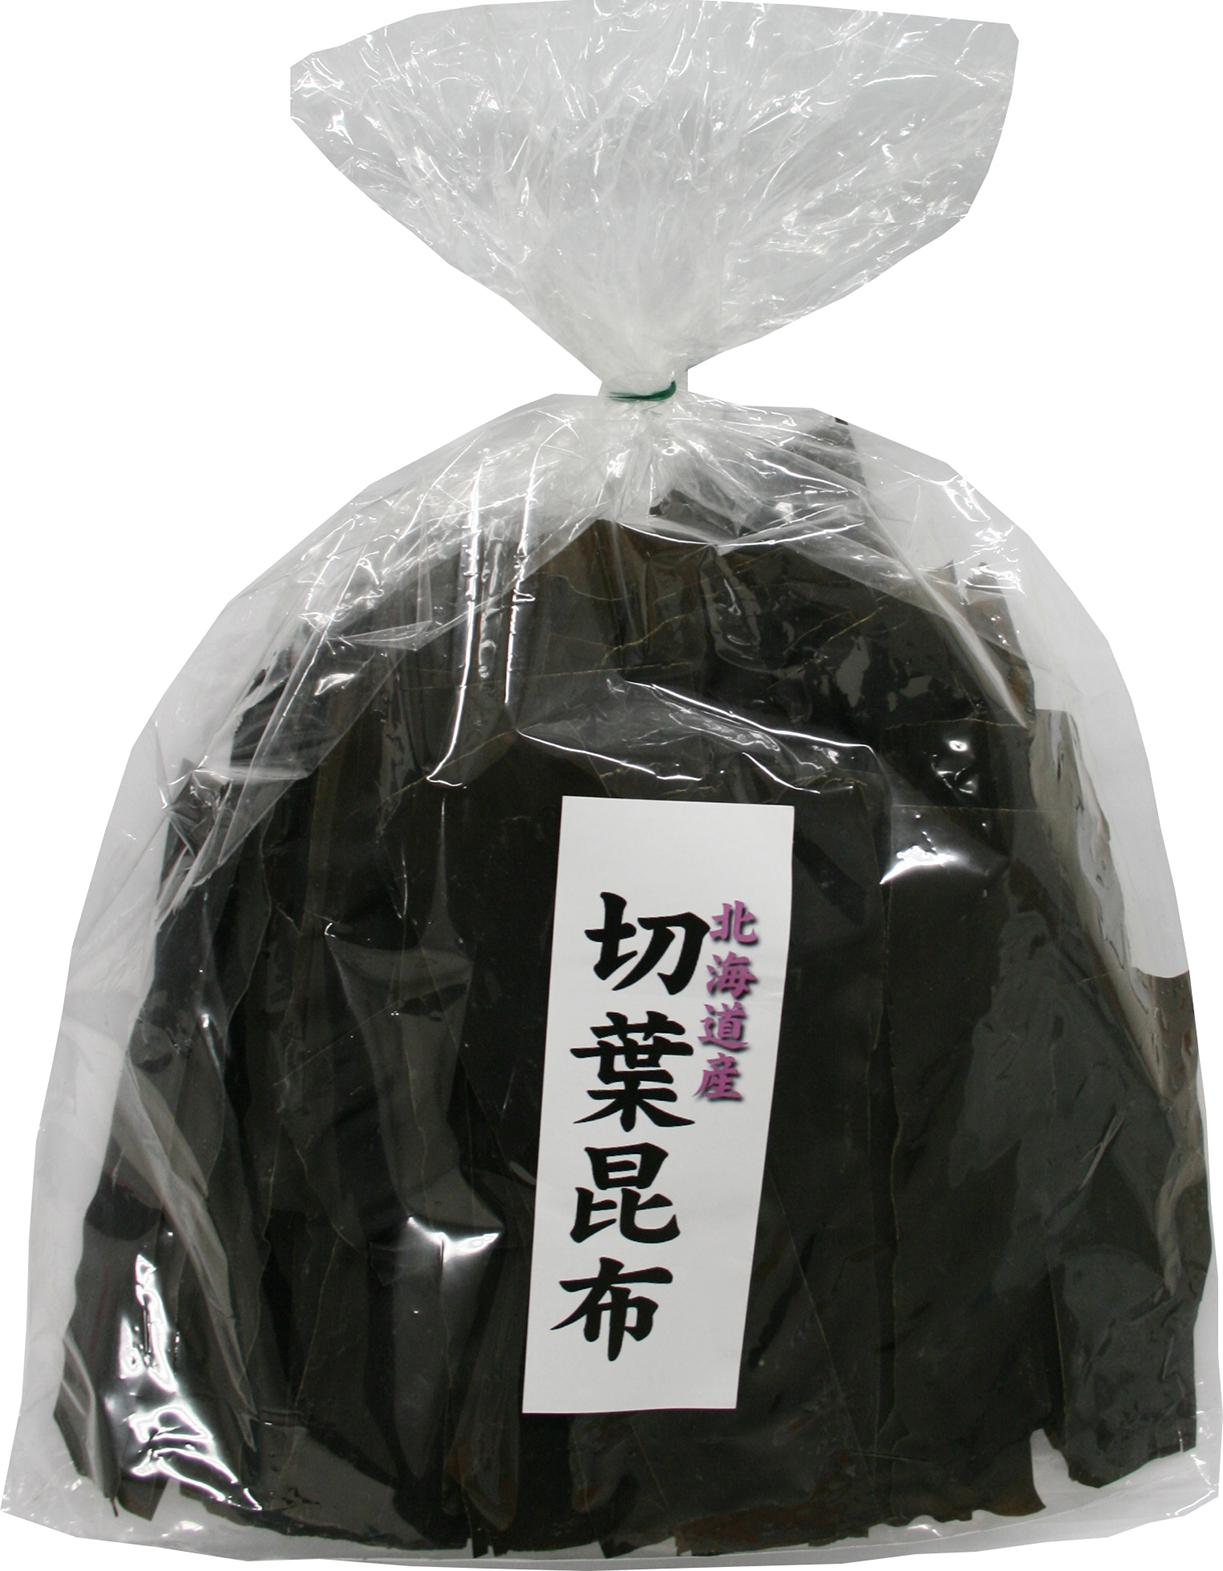 真昆布(北海道道南産)  切葉昆布 1kg